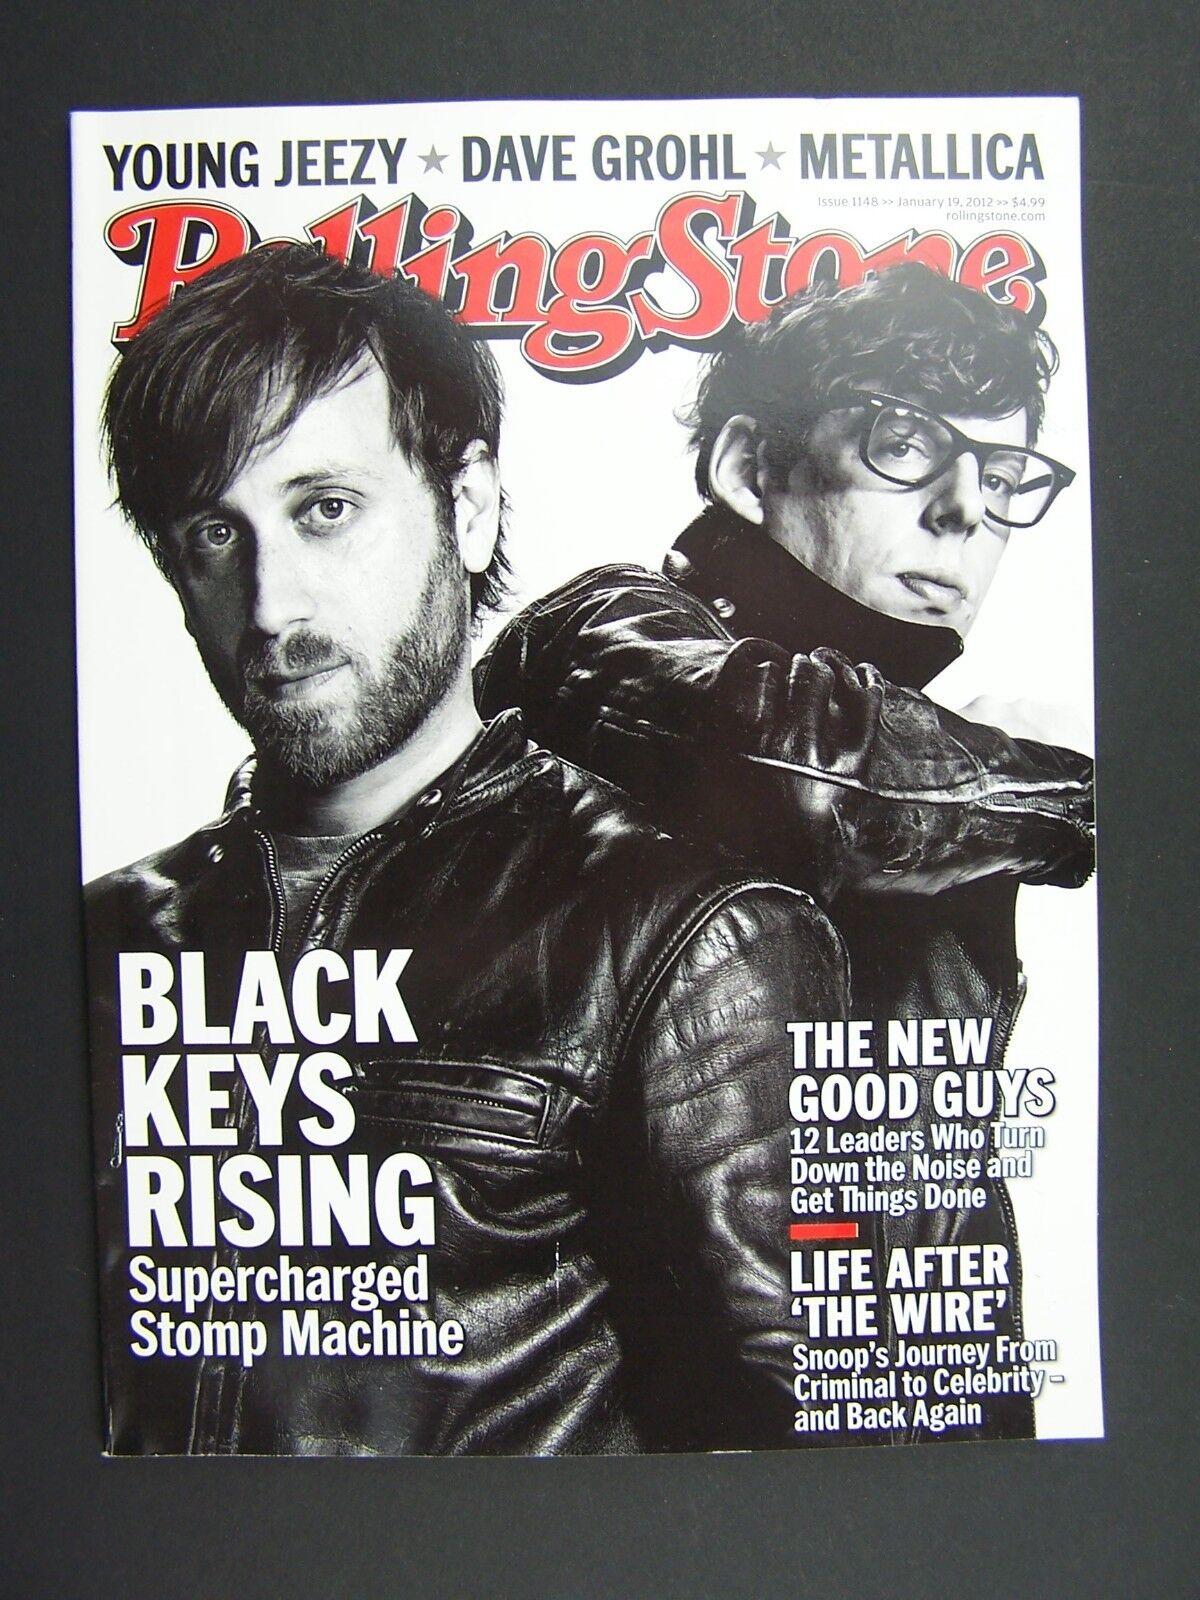 Rolling Stone Magazine Issue 1148 January 19 2012 Black